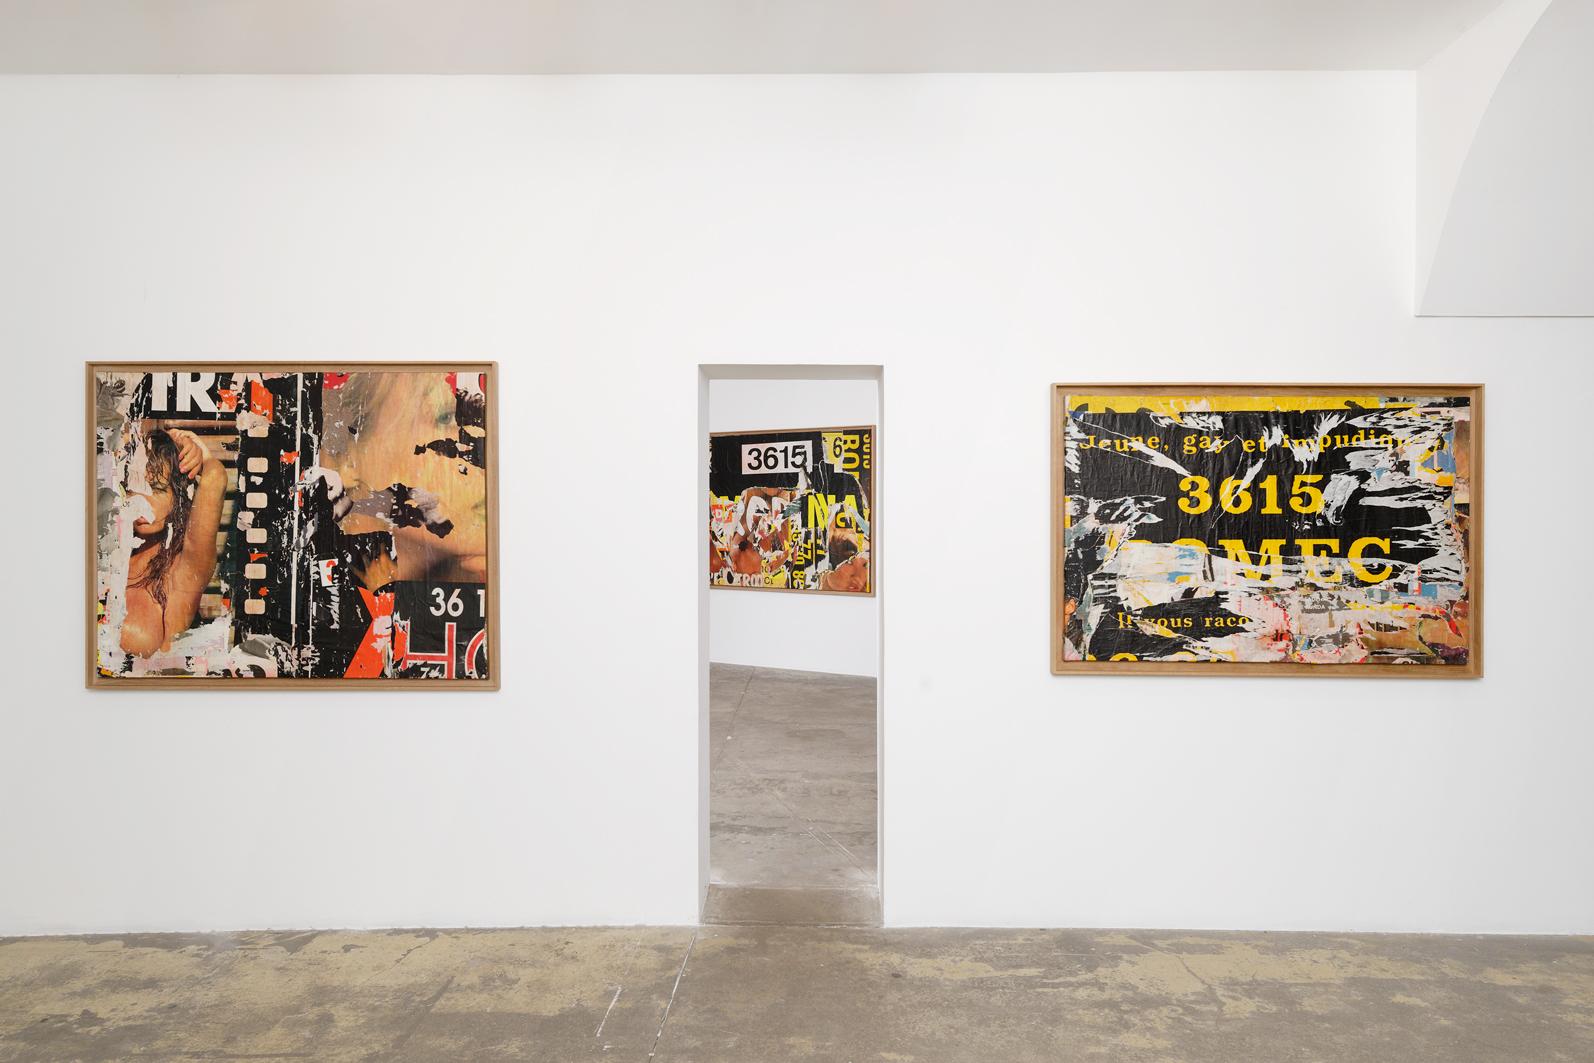 exposition Jacques-villegle